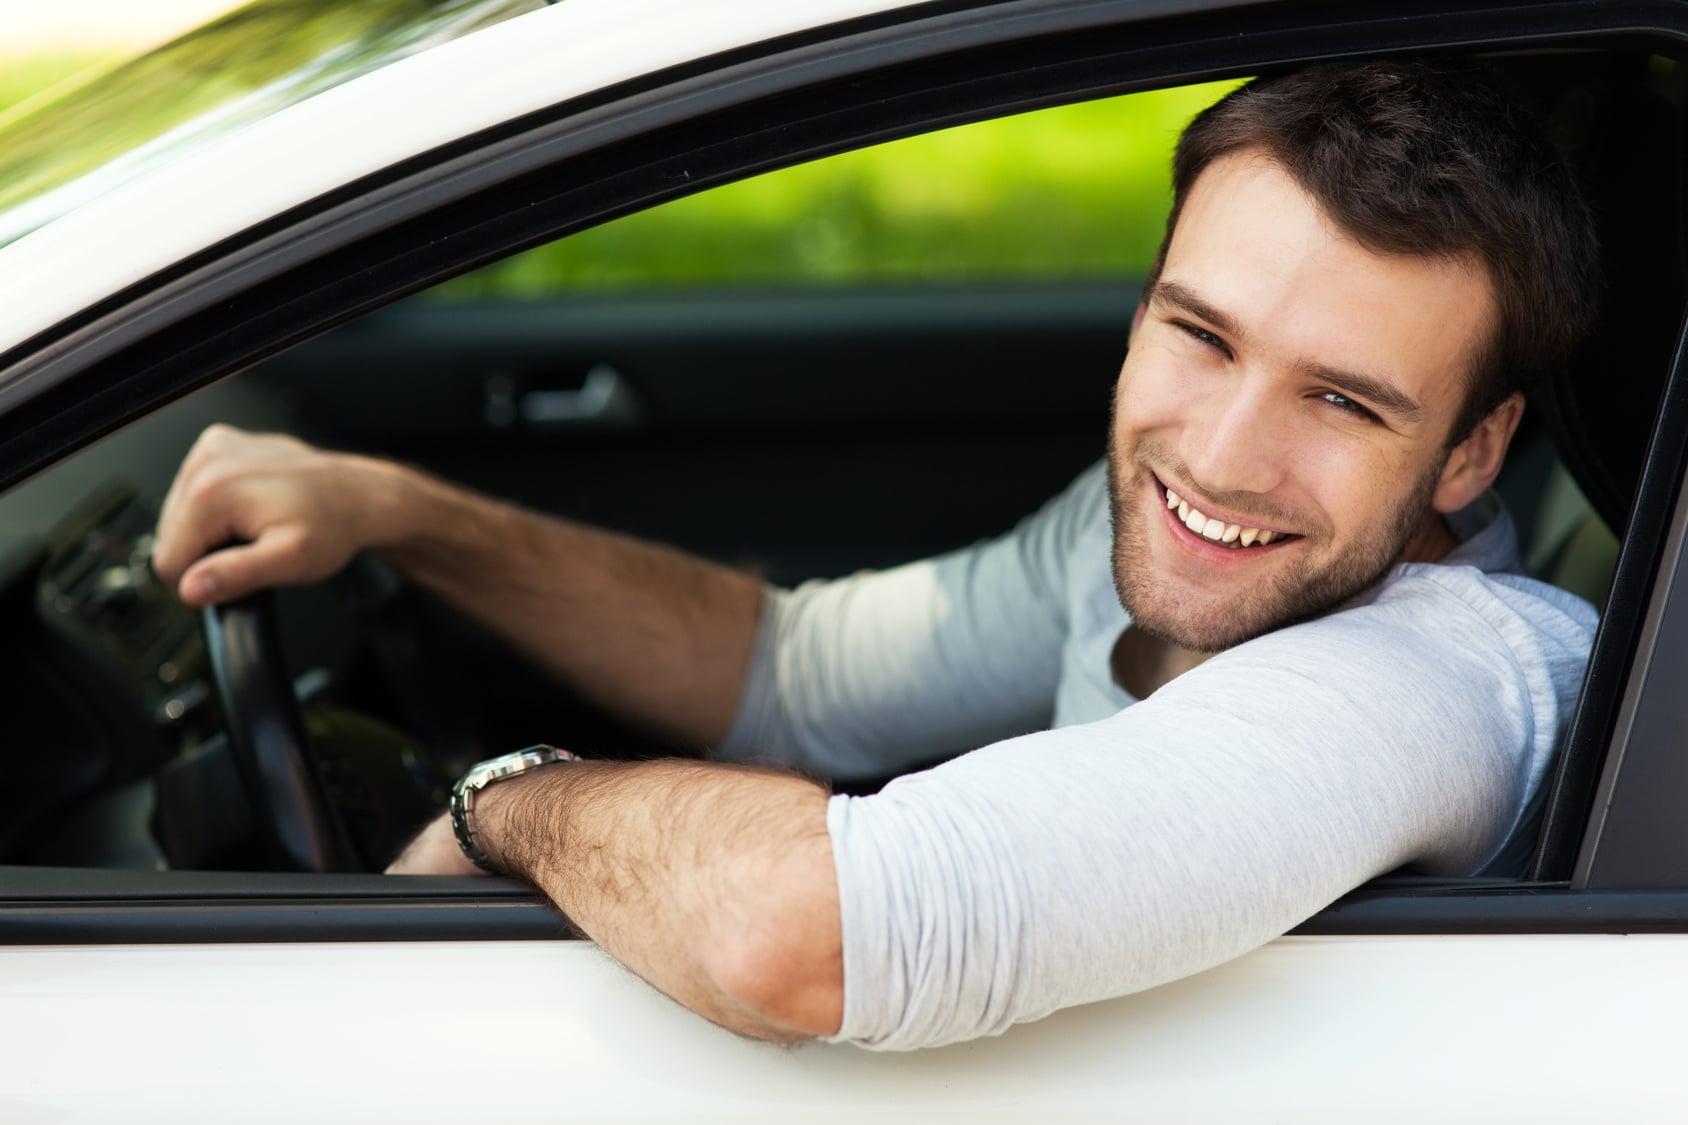 La sensibilisation à l'autopartage se confirme : 1 Américain sur 5 l'a déjà testé